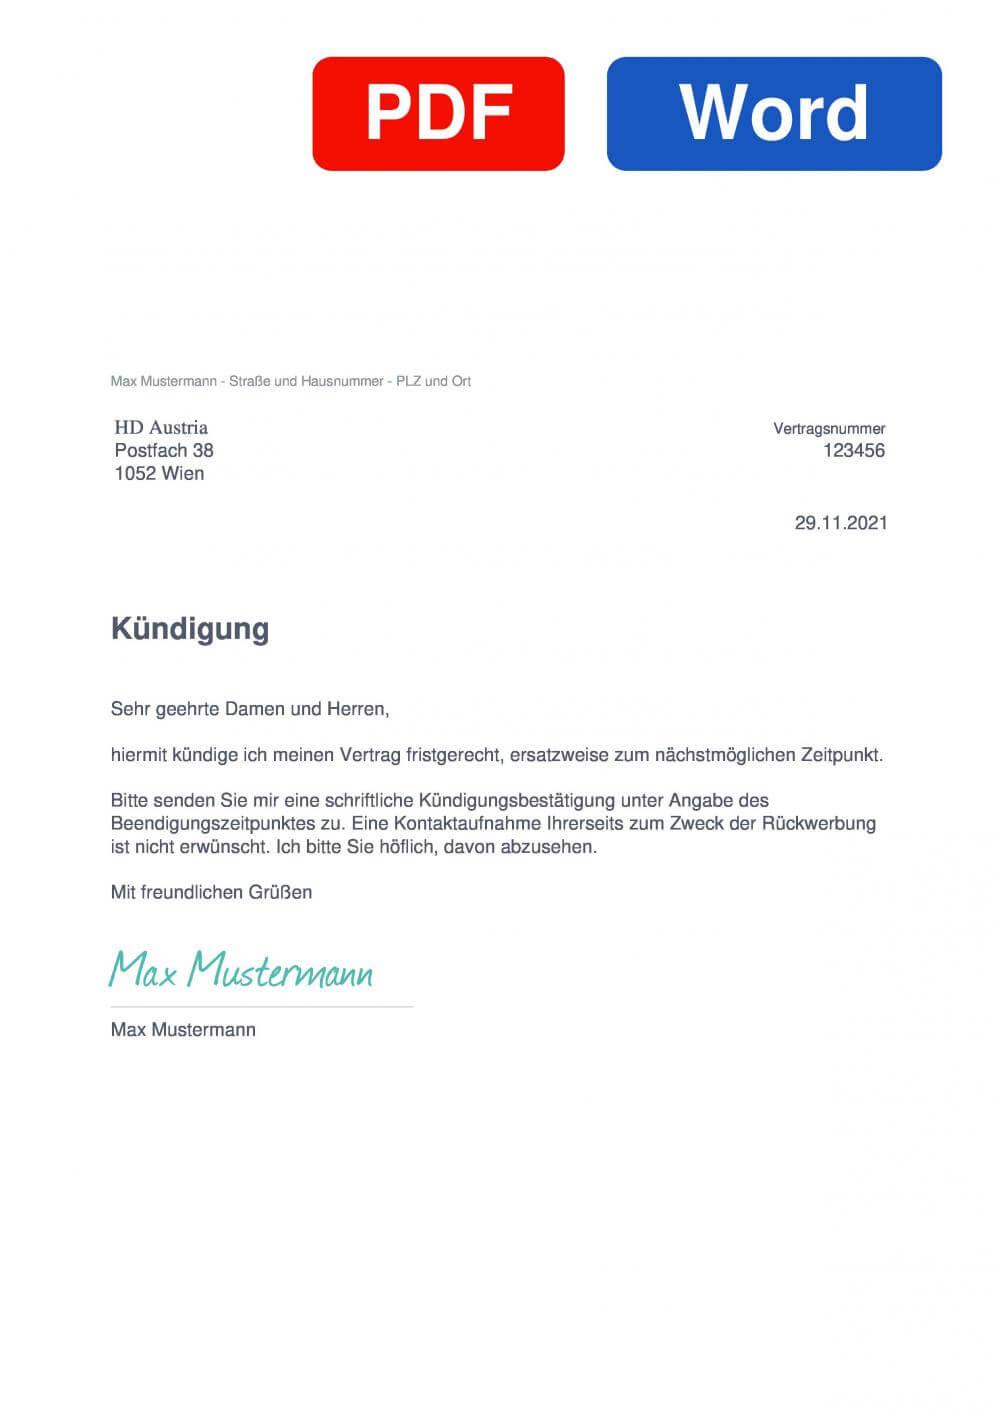 Austria-SAT Muster Vorlage für Kündigungsschreiben